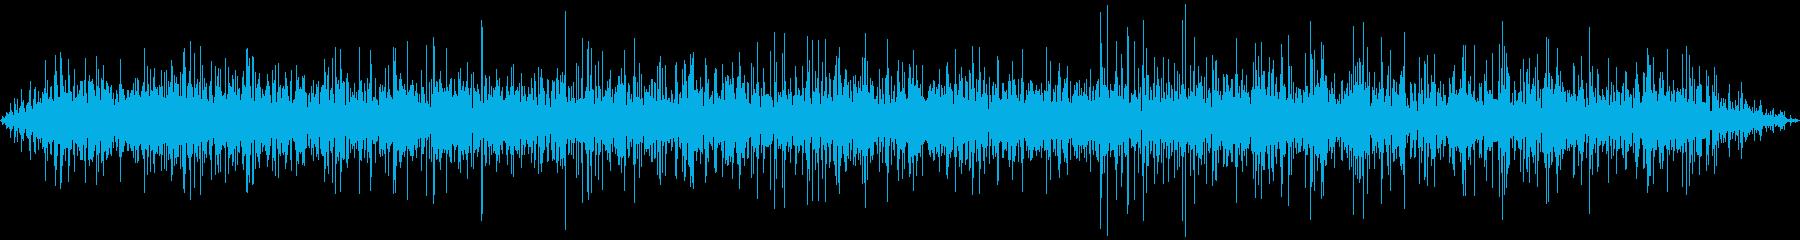 バブリング大釜の再生済みの波形